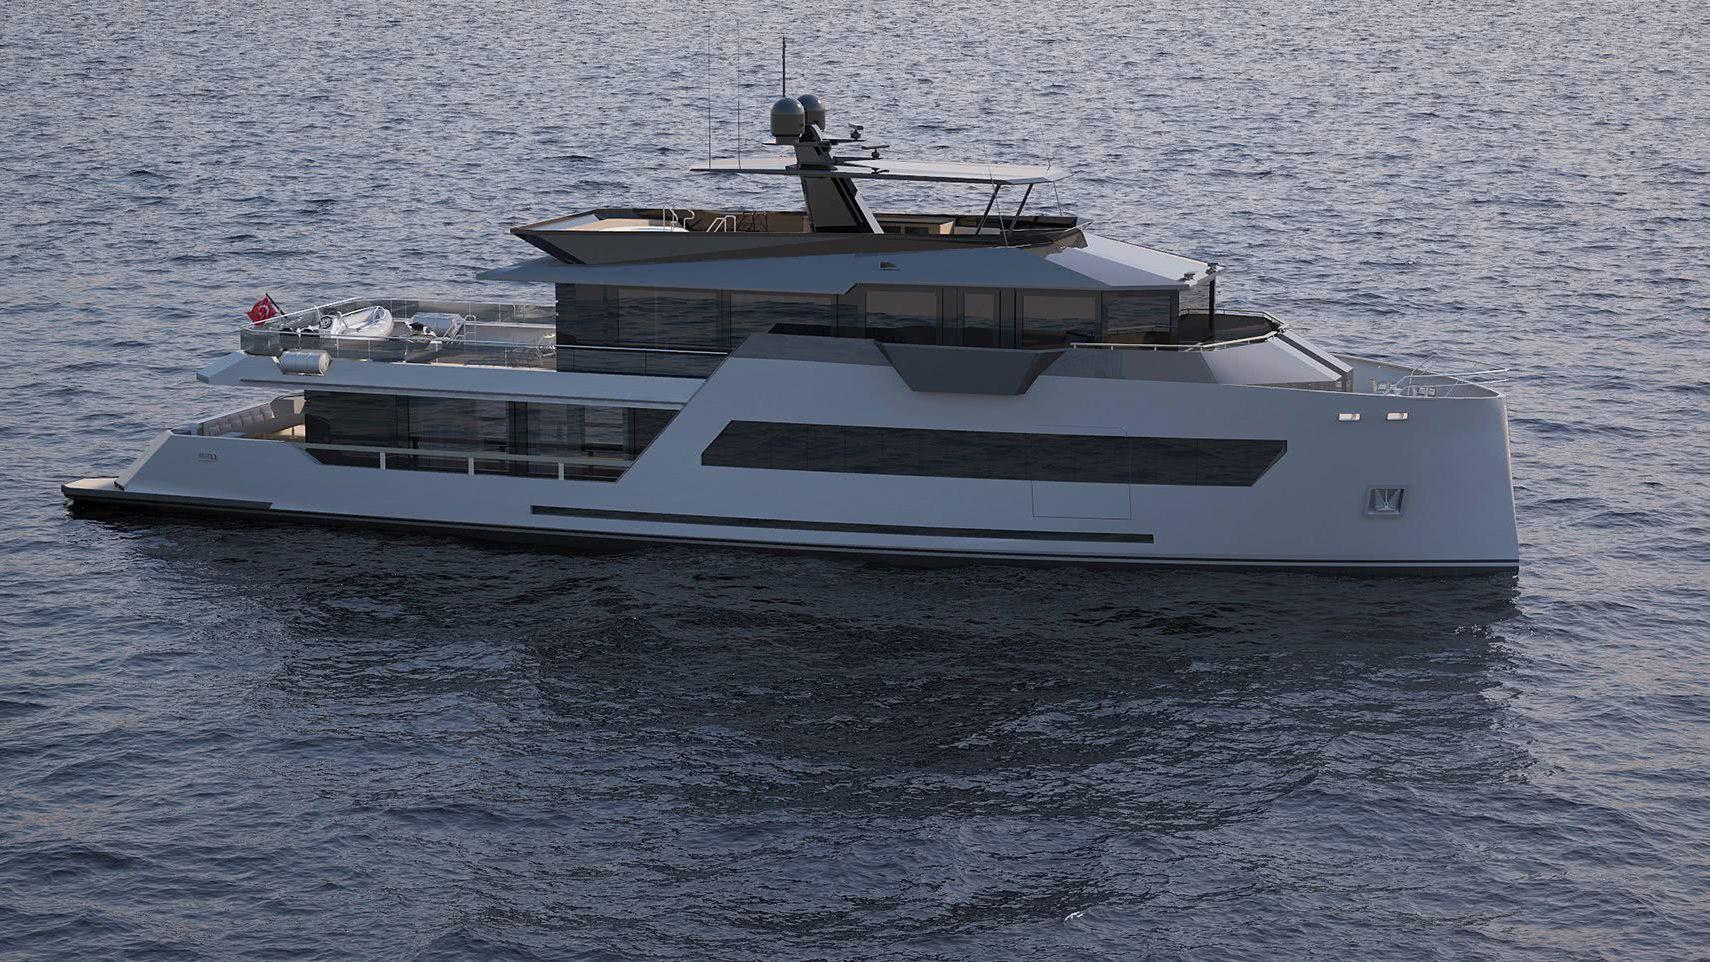 130 Viatorem Explorer Yacht Otobot